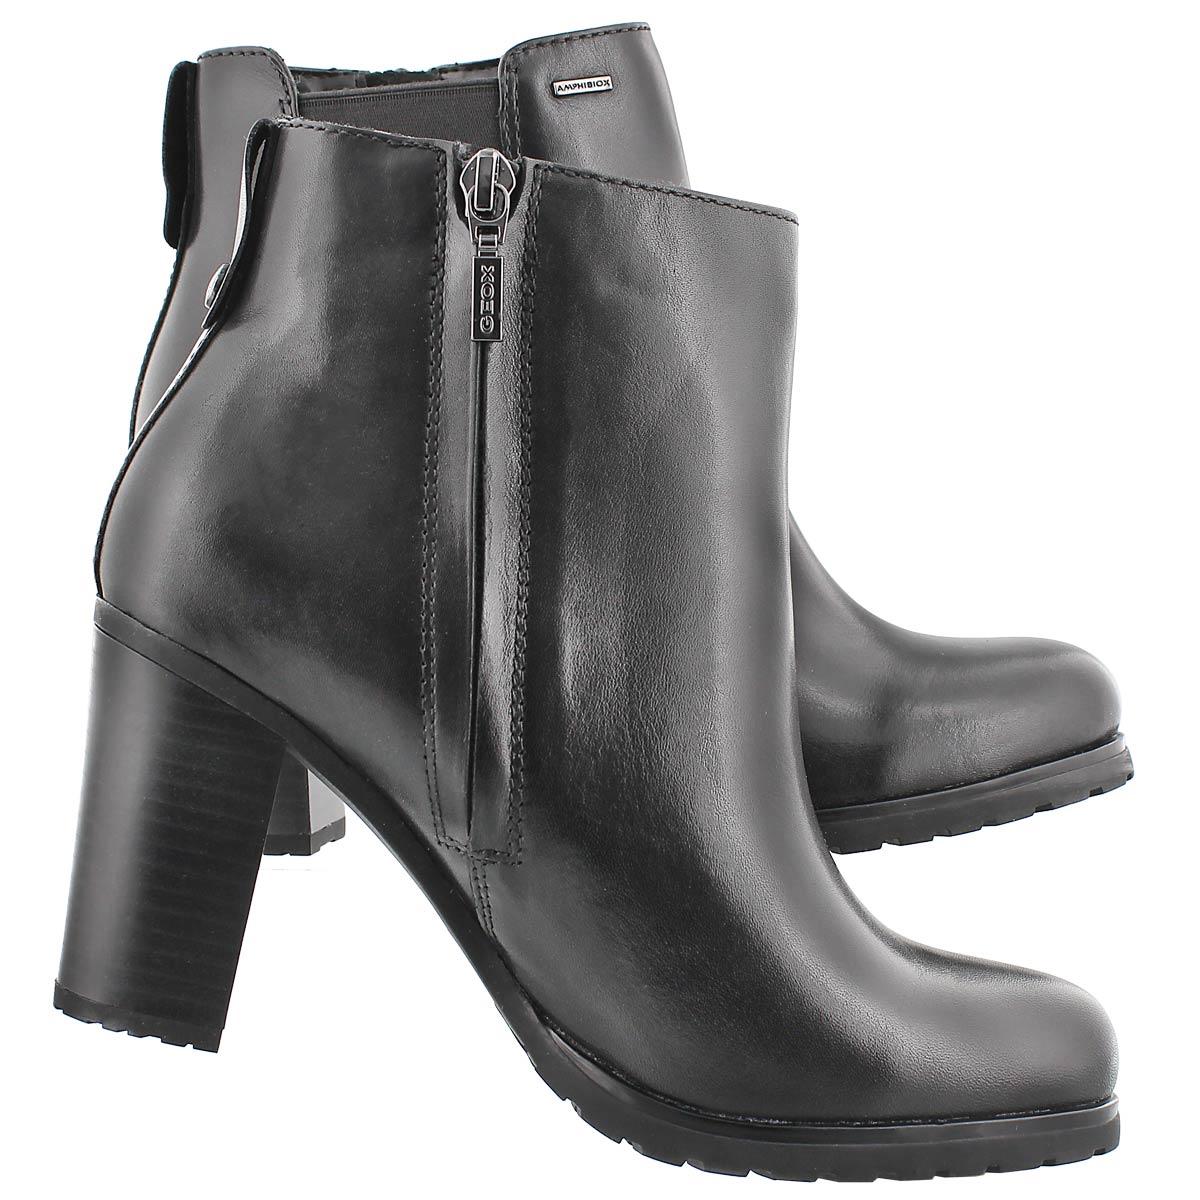 Lds Trish ABX black lo dress bootie